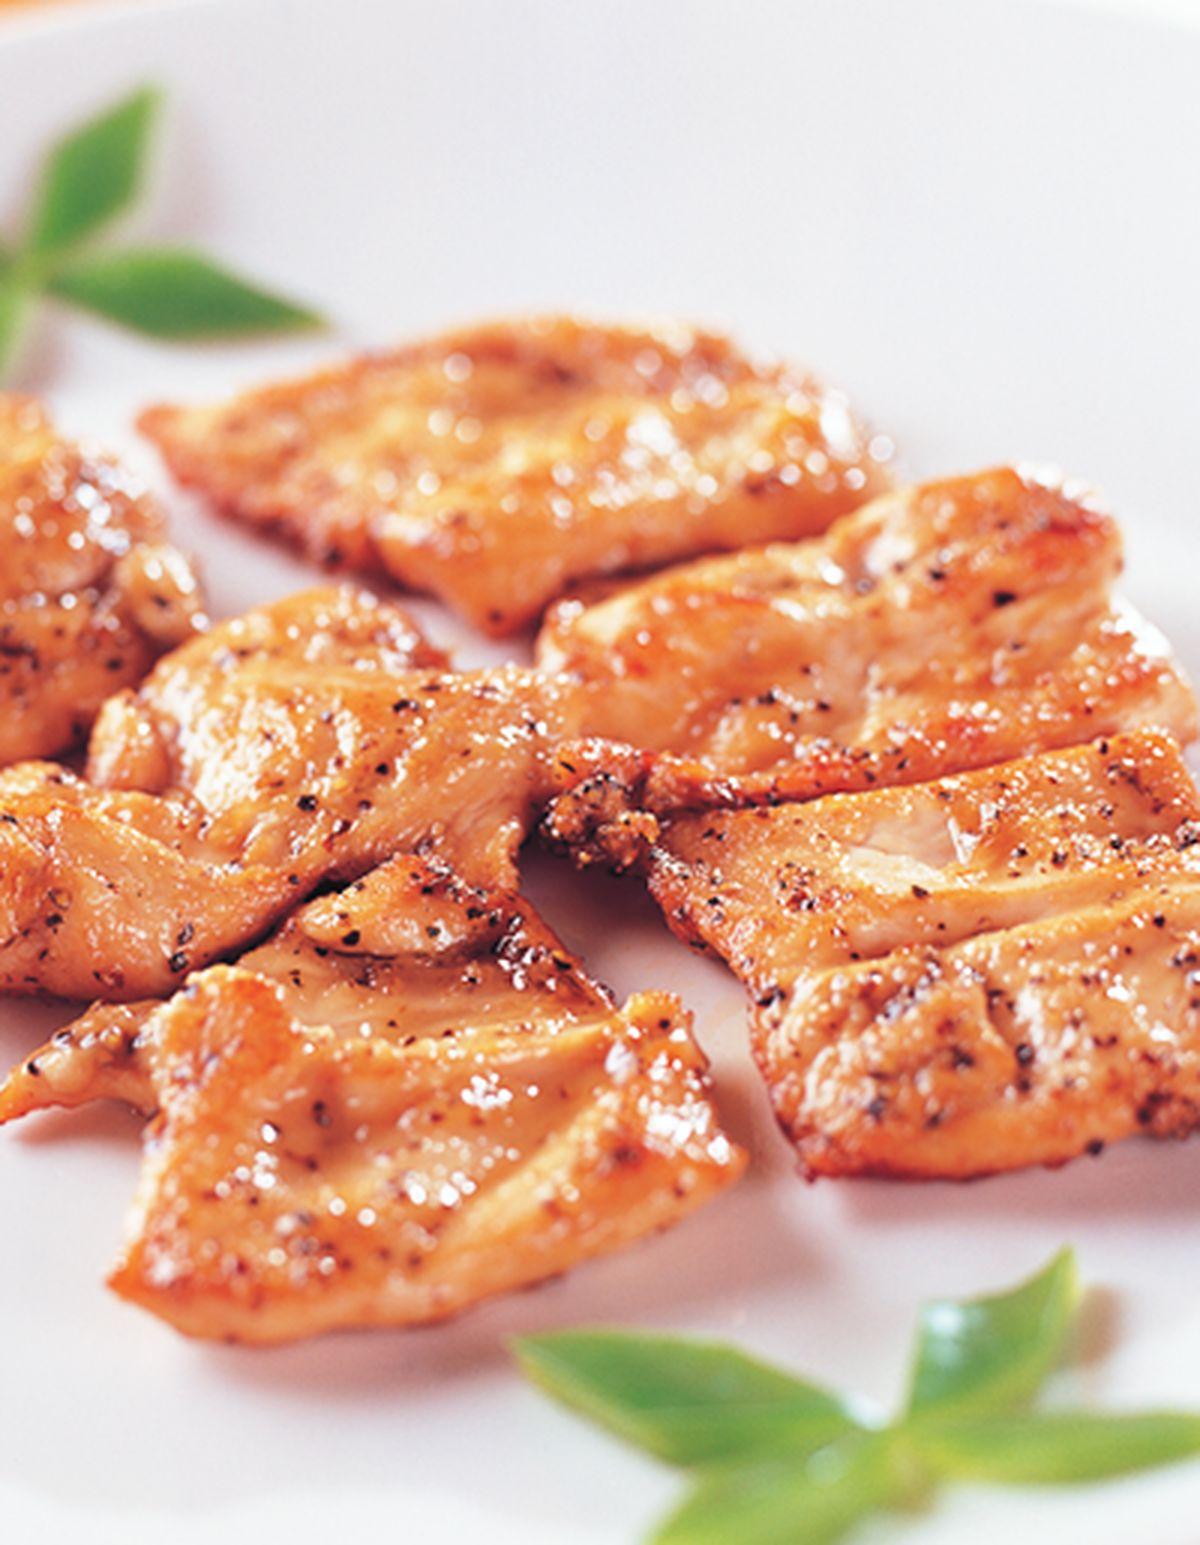 食譜:煎黑胡椒雞脯